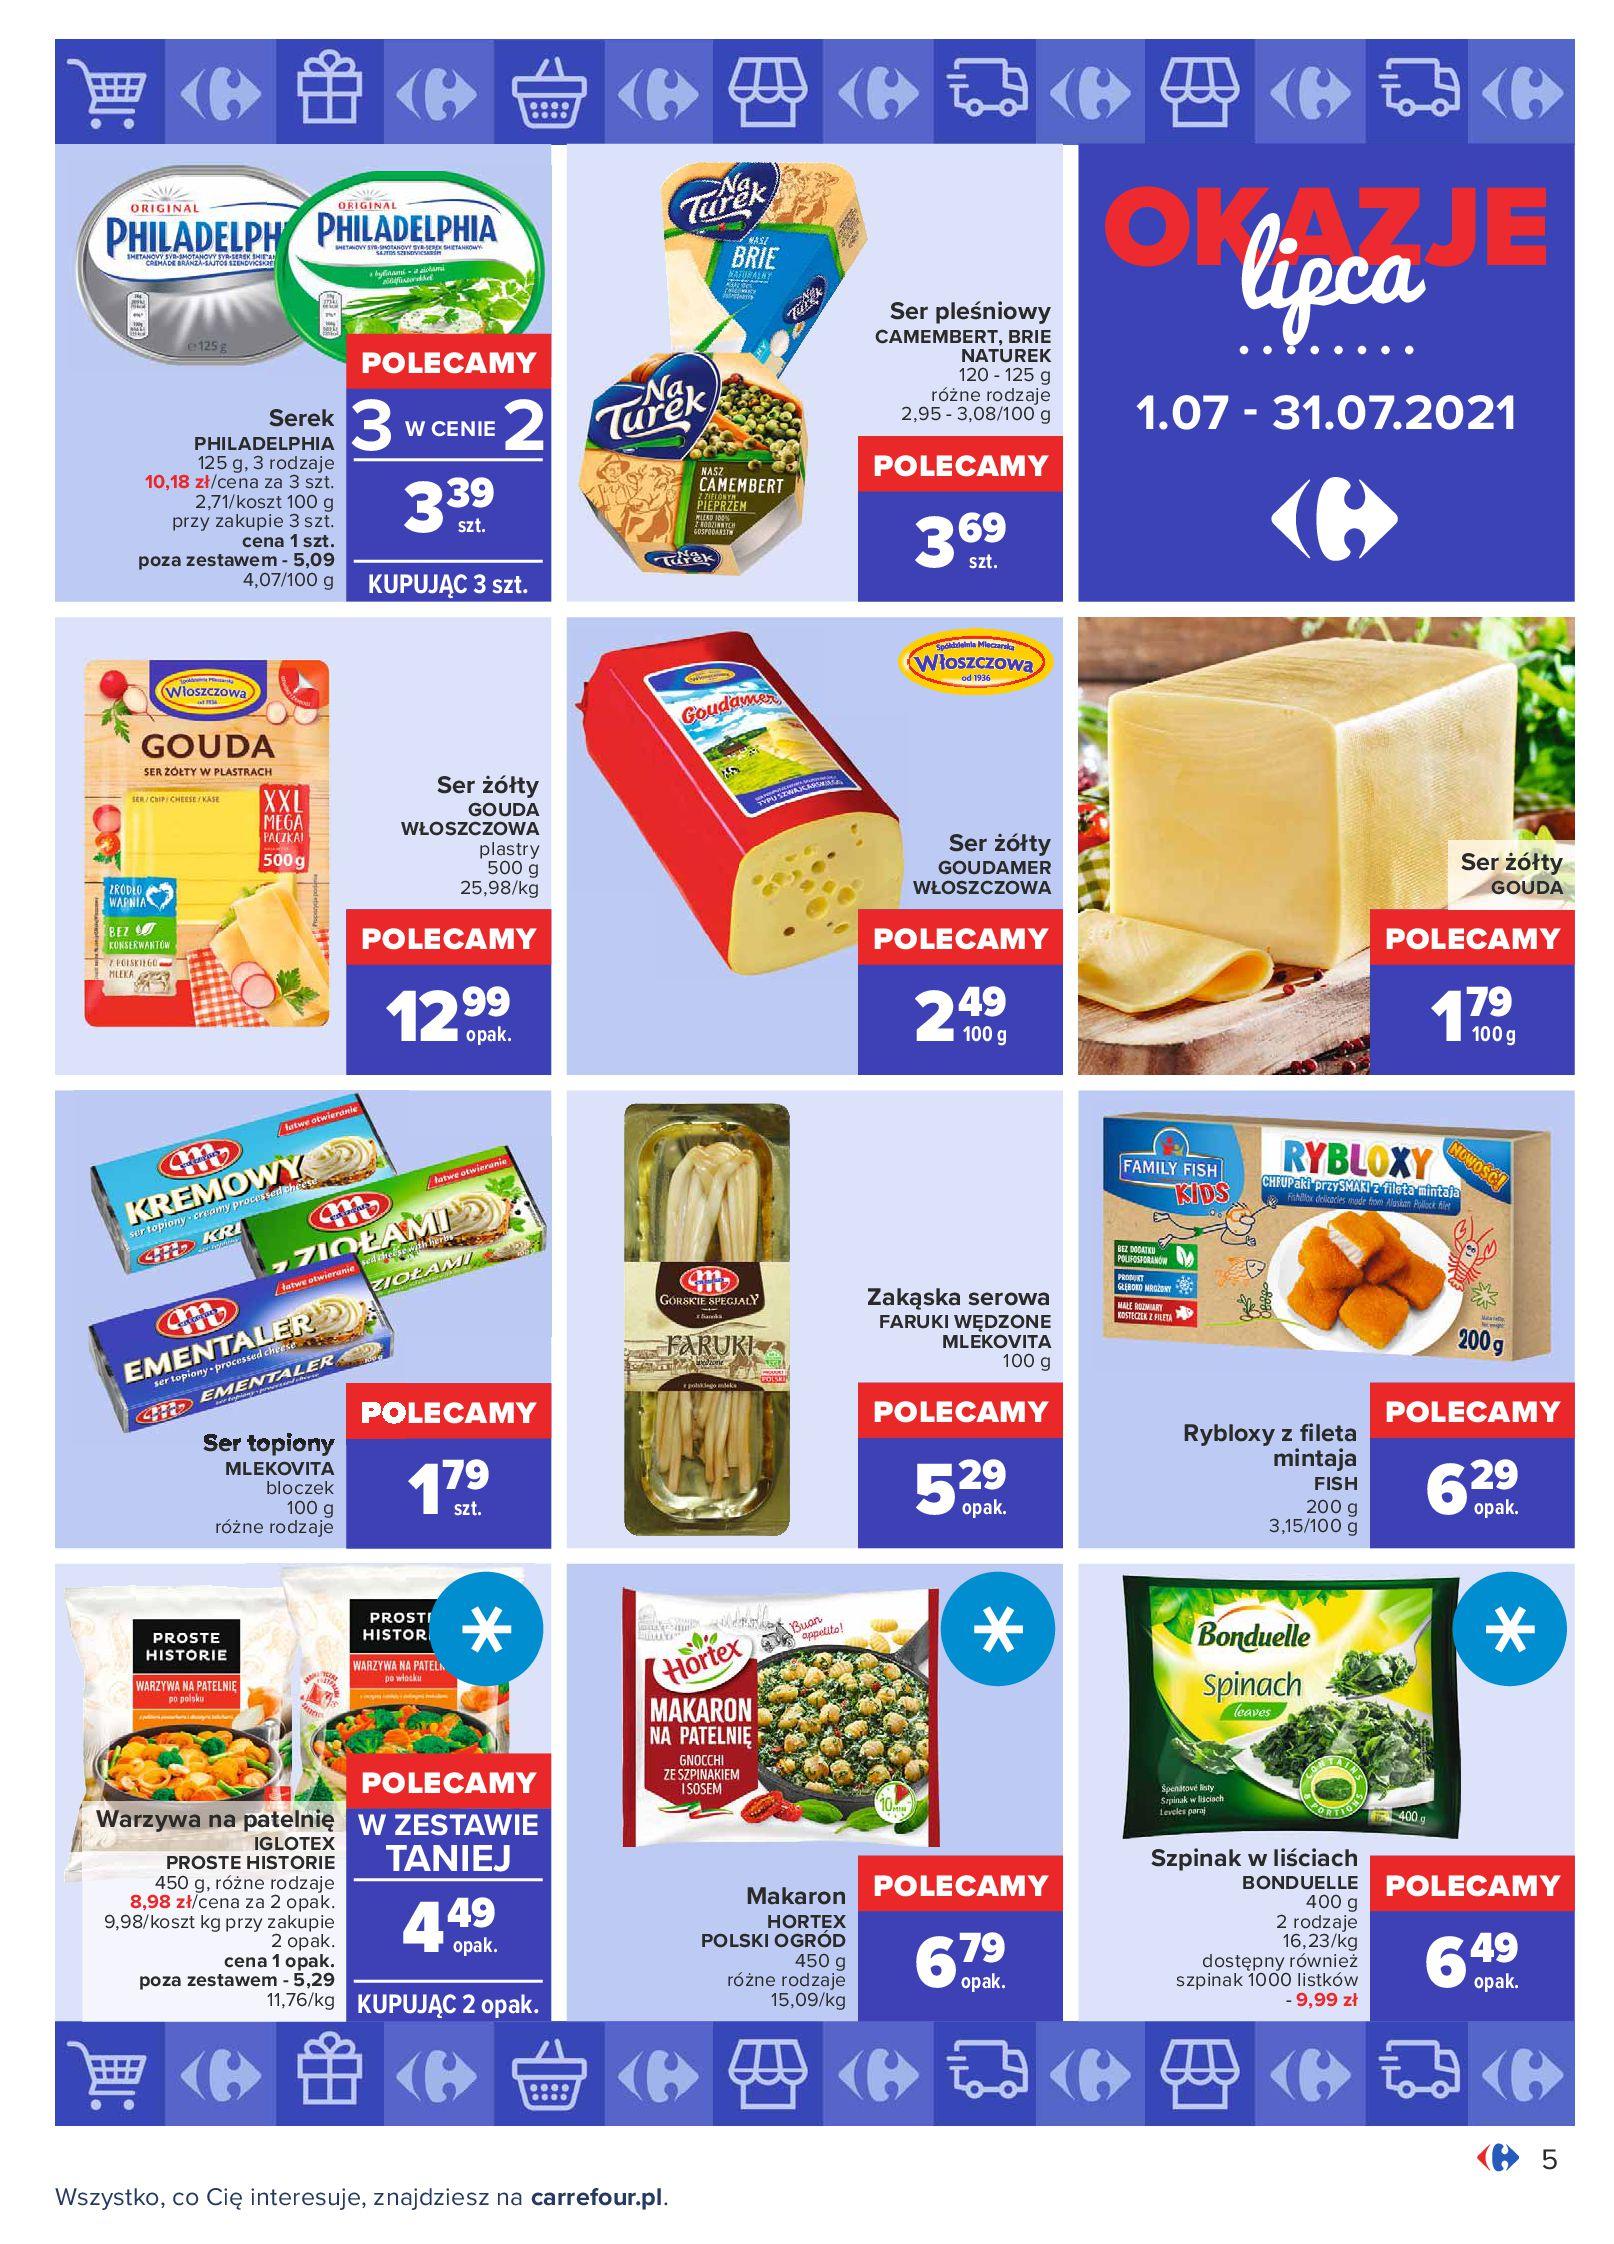 Gazetka Carrefour: Gazetka Carrefour - Okazje lipca 2021-07-01 page-5